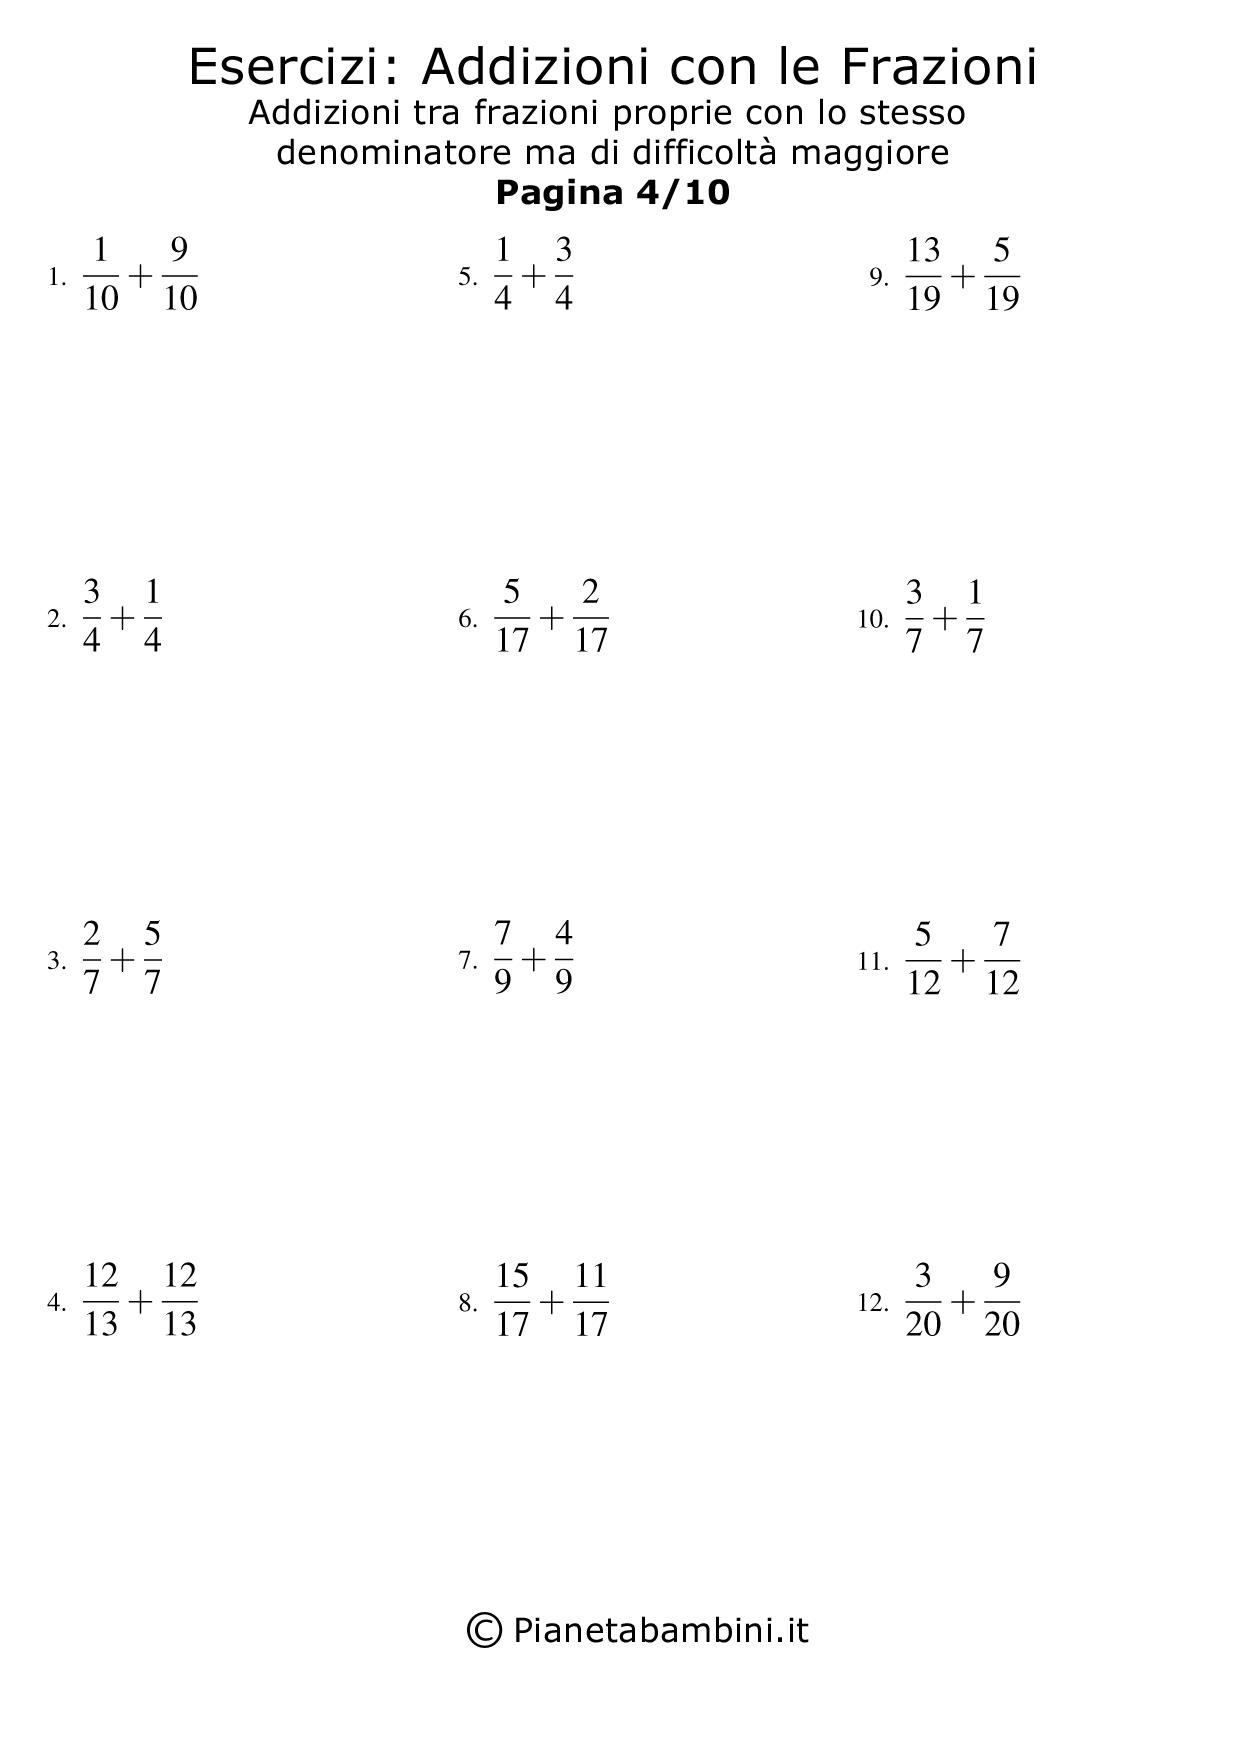 Addizioni-Frazioni-Stesso-Denominatore-Difficili_04